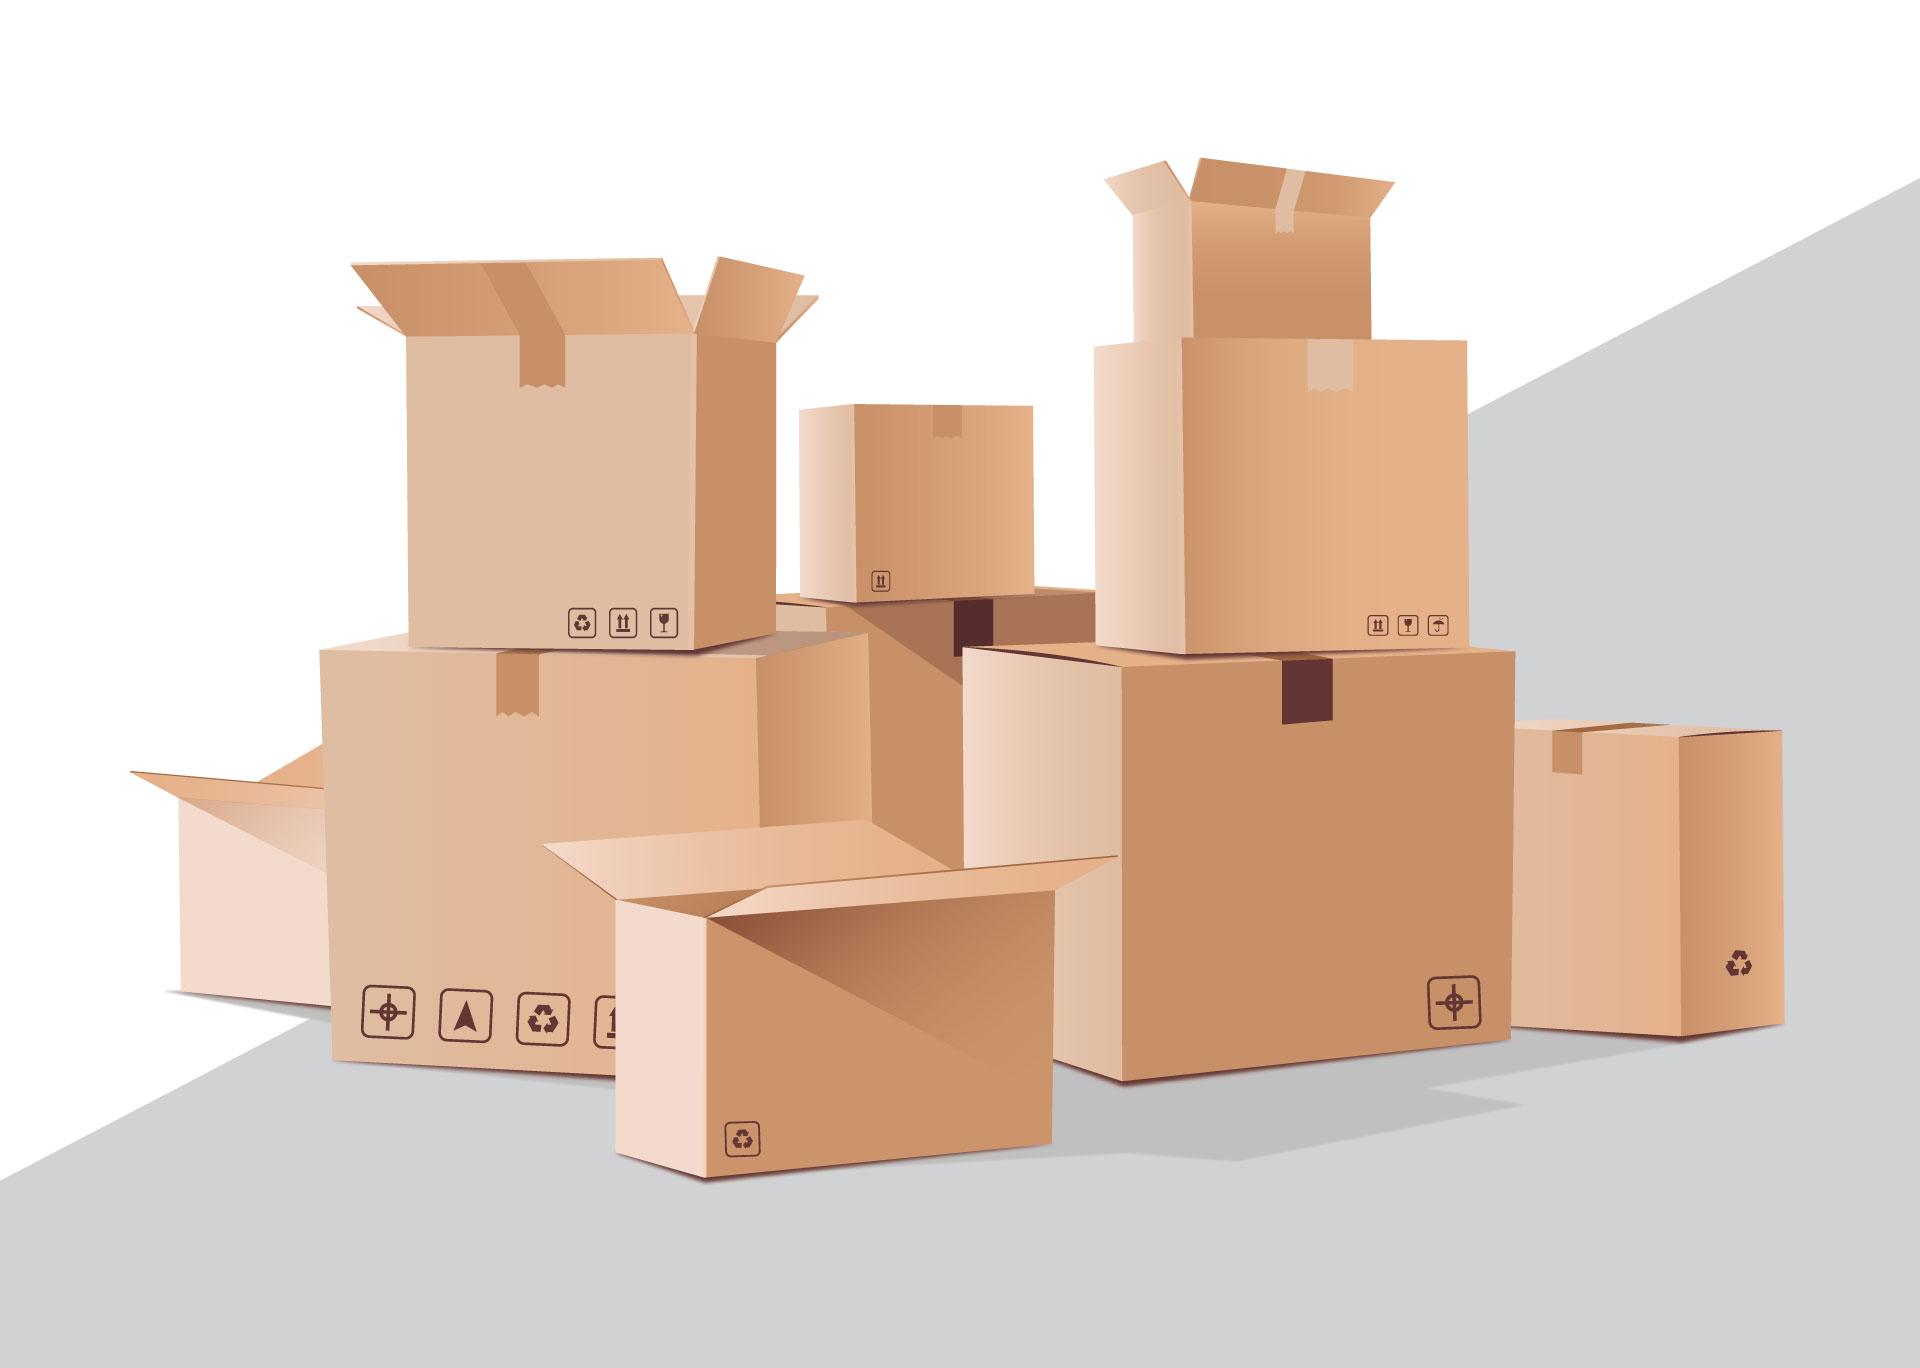 طراحی و ساختار انواع بسته بندیهای مقوایی و کاغذی محصولات غذایی